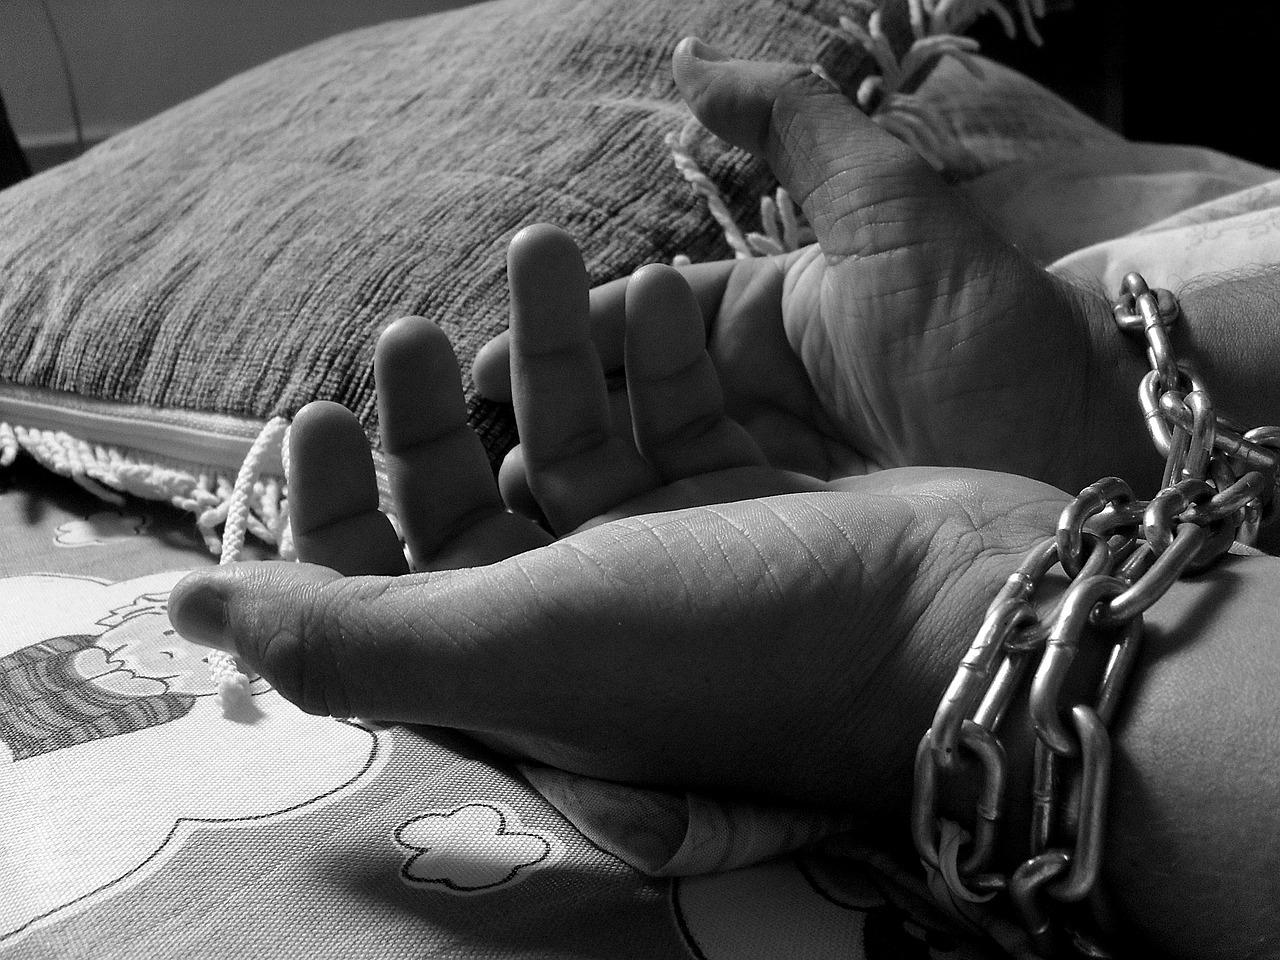 Esclavage et traite des êtres humains @ Pixabay CC0 - sammisreachers